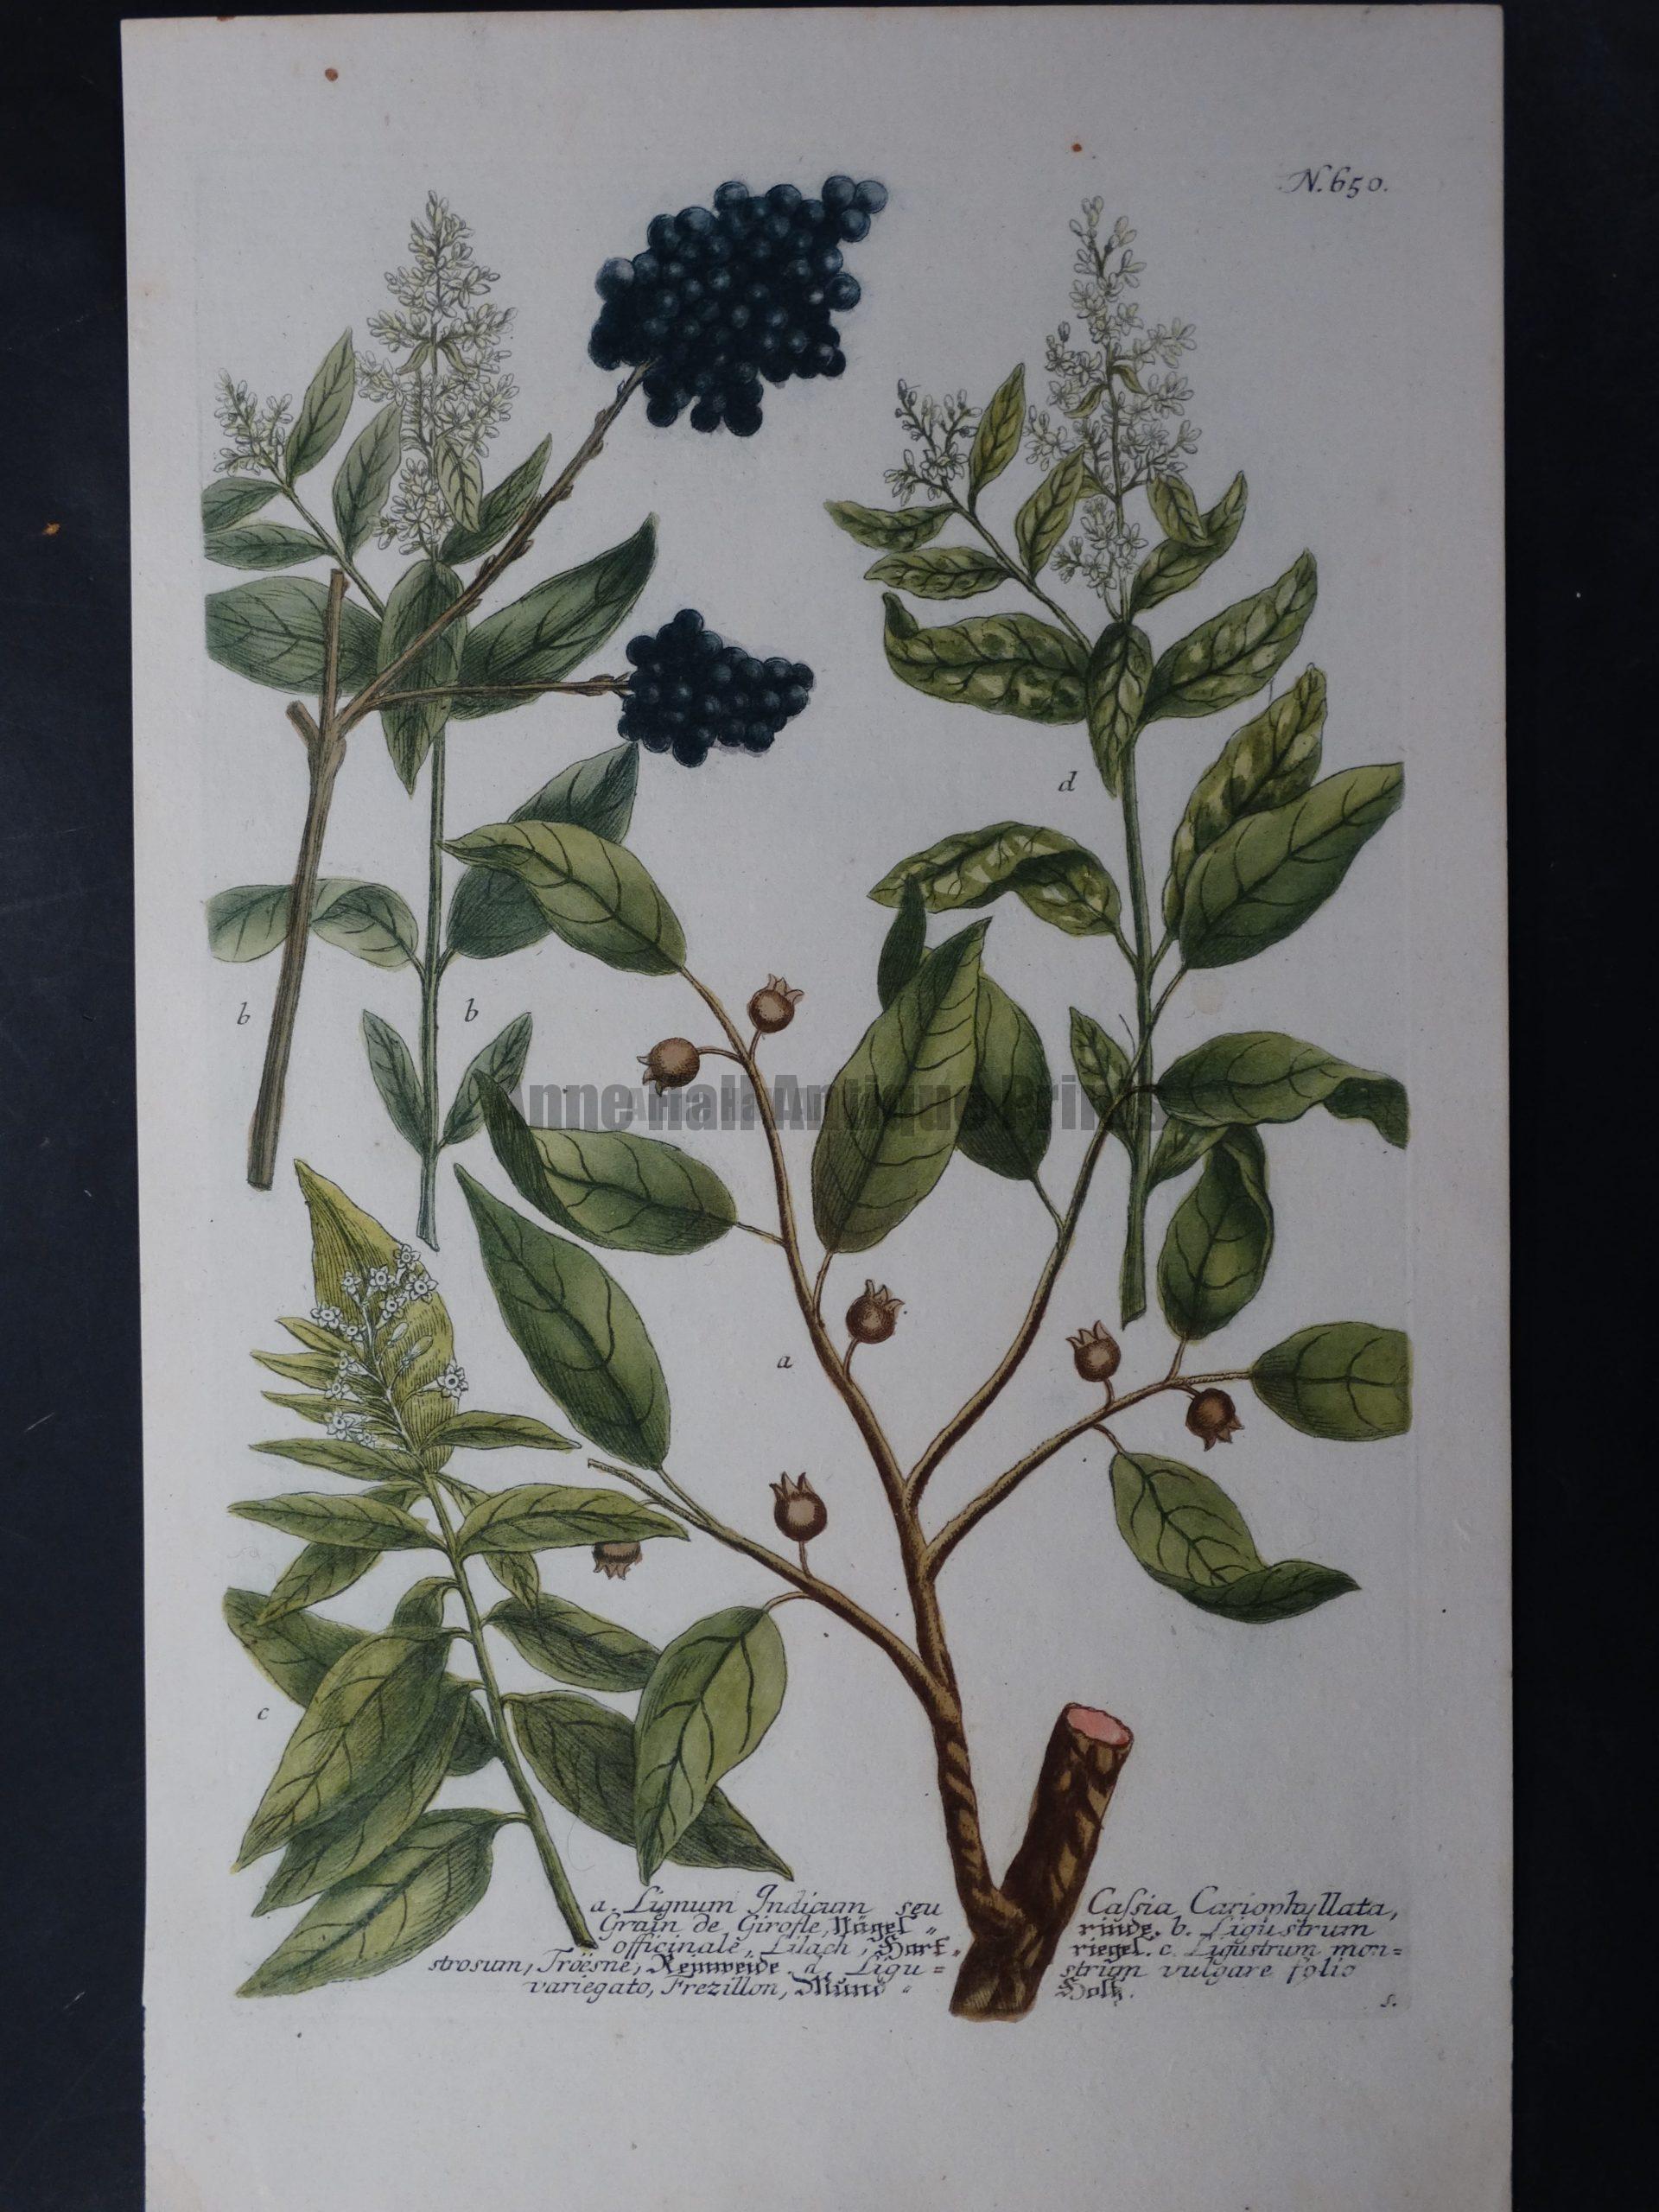 Weinmann Lignum Johann Wilhelm Weinmann Phytanthoza iconographia. 1737-1745.  9.5x15.25 in.